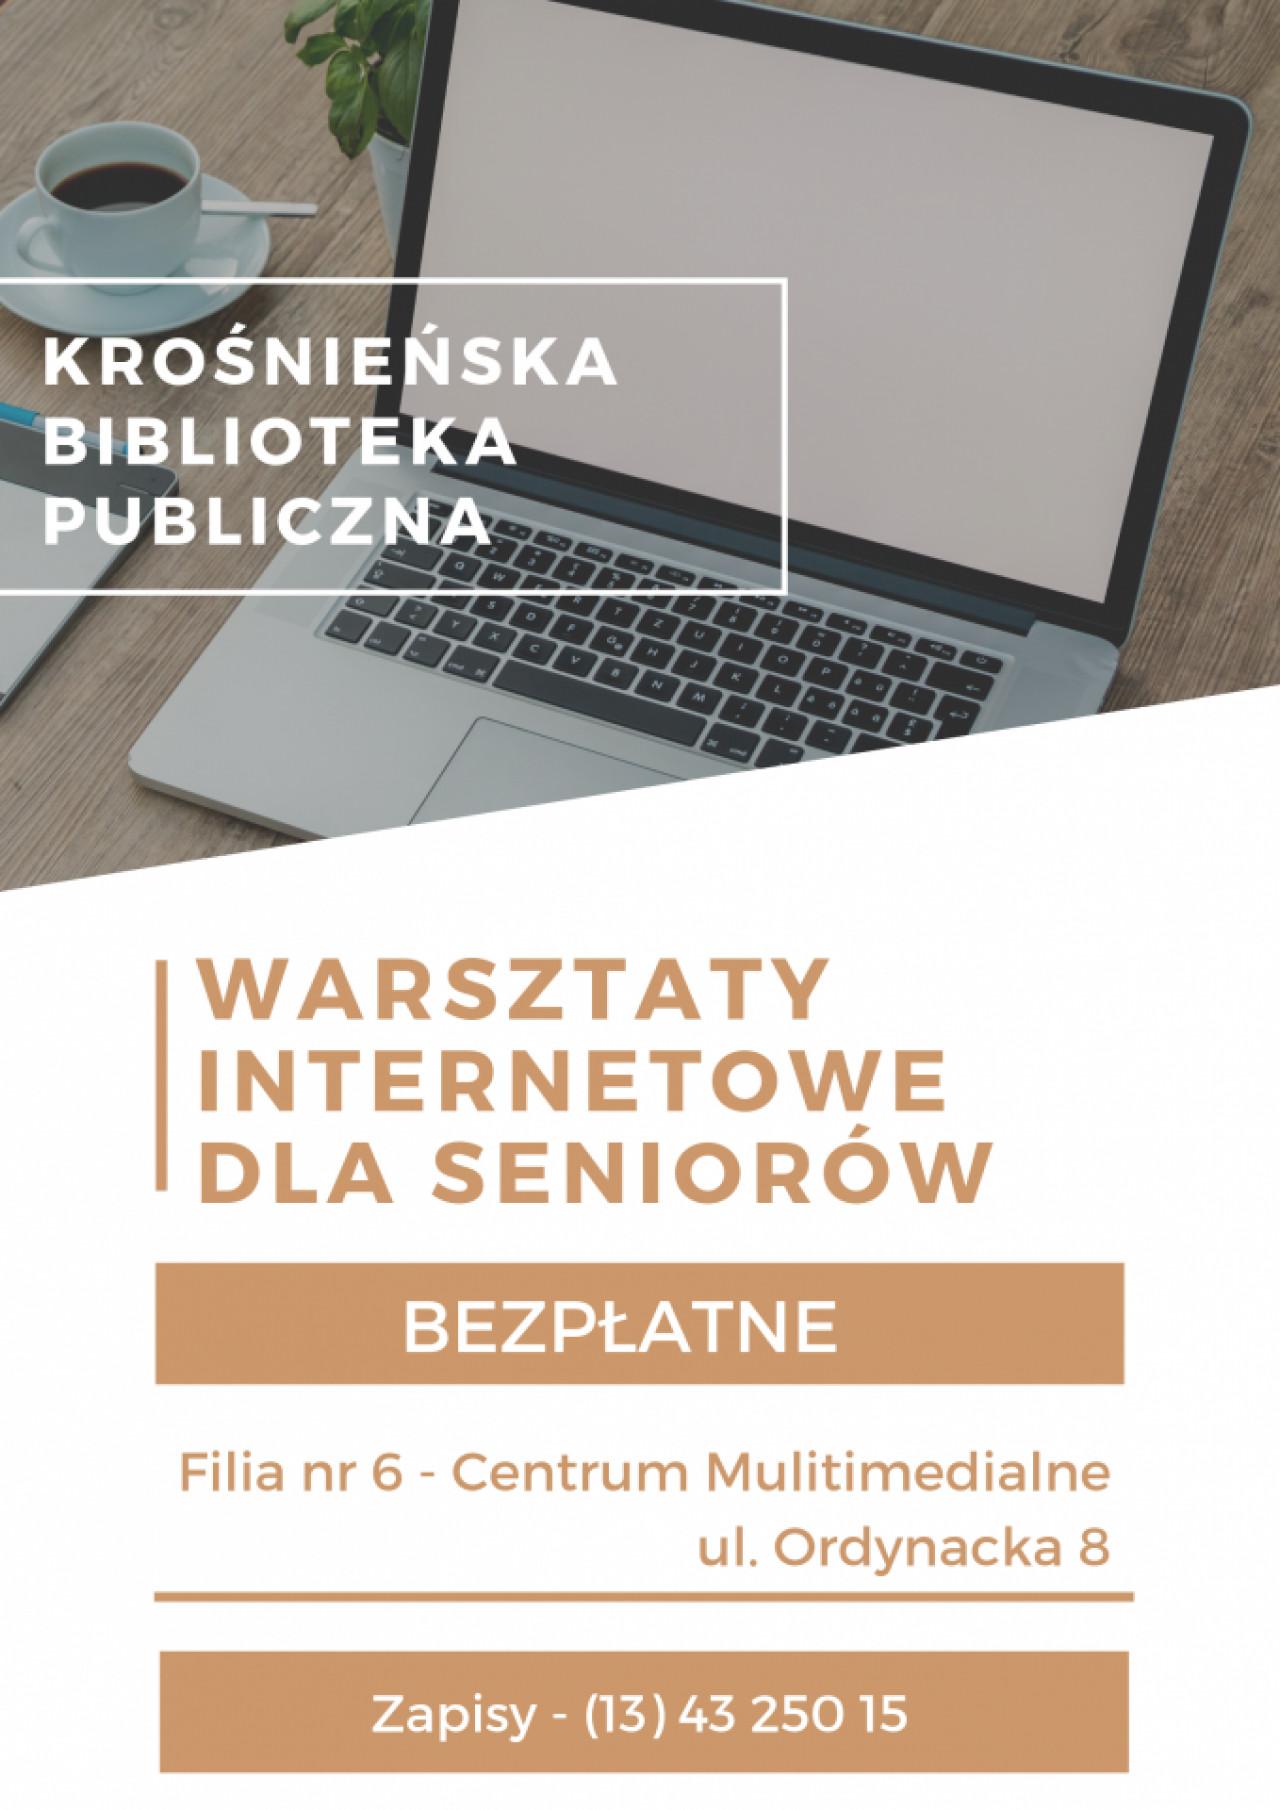 Bezpłatne warsztaty komputerowe dla seniorów w Krośnie